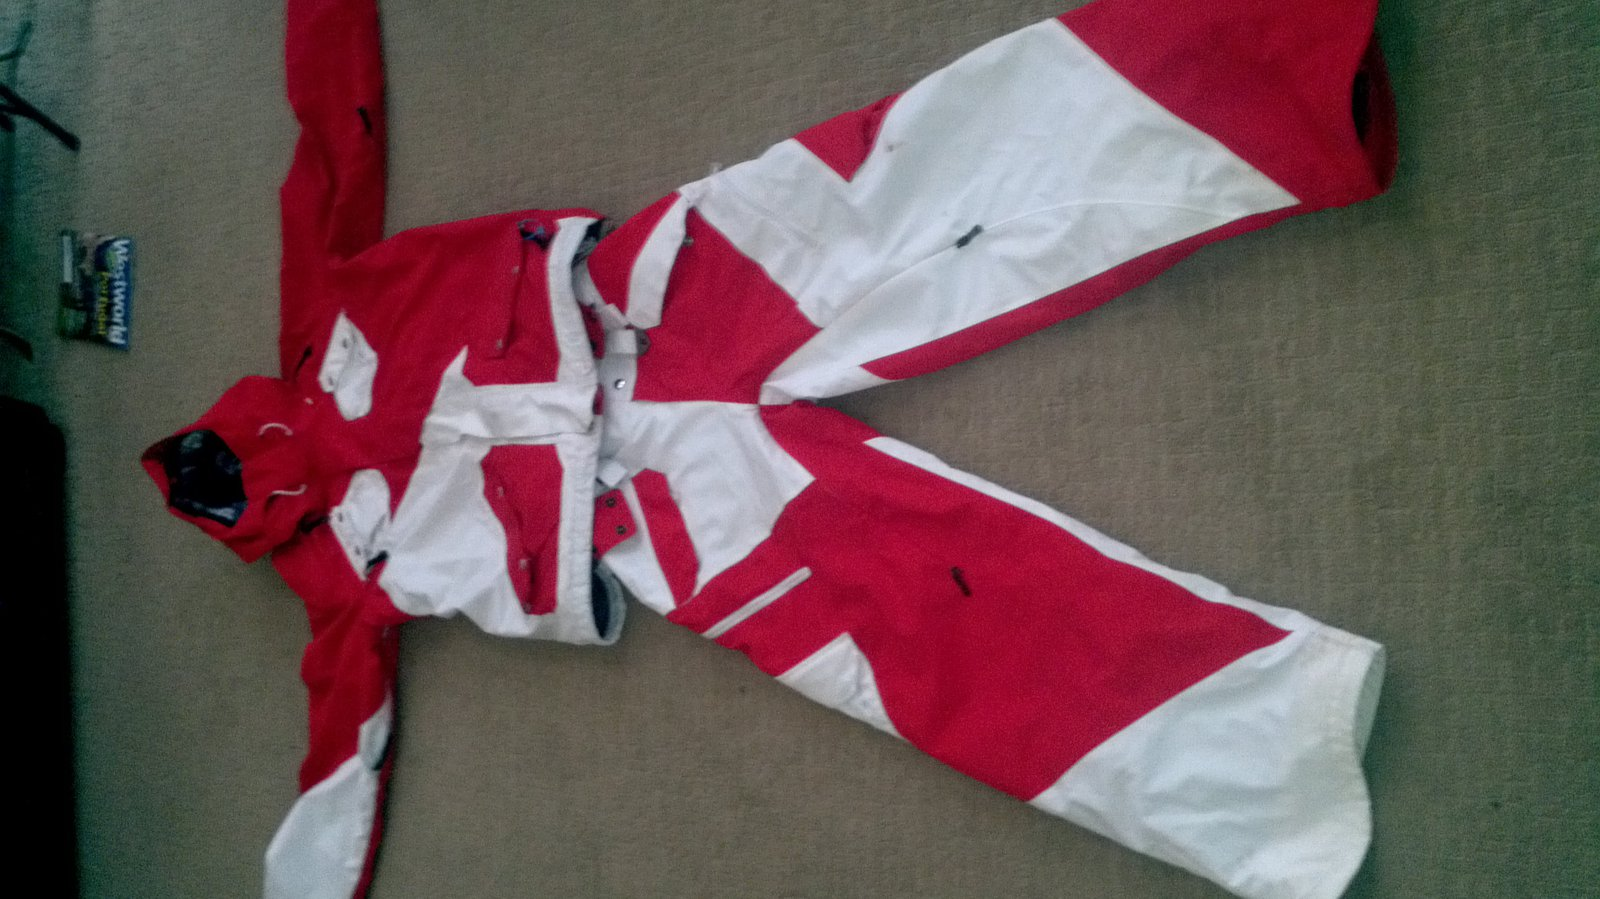 Full air raid suit